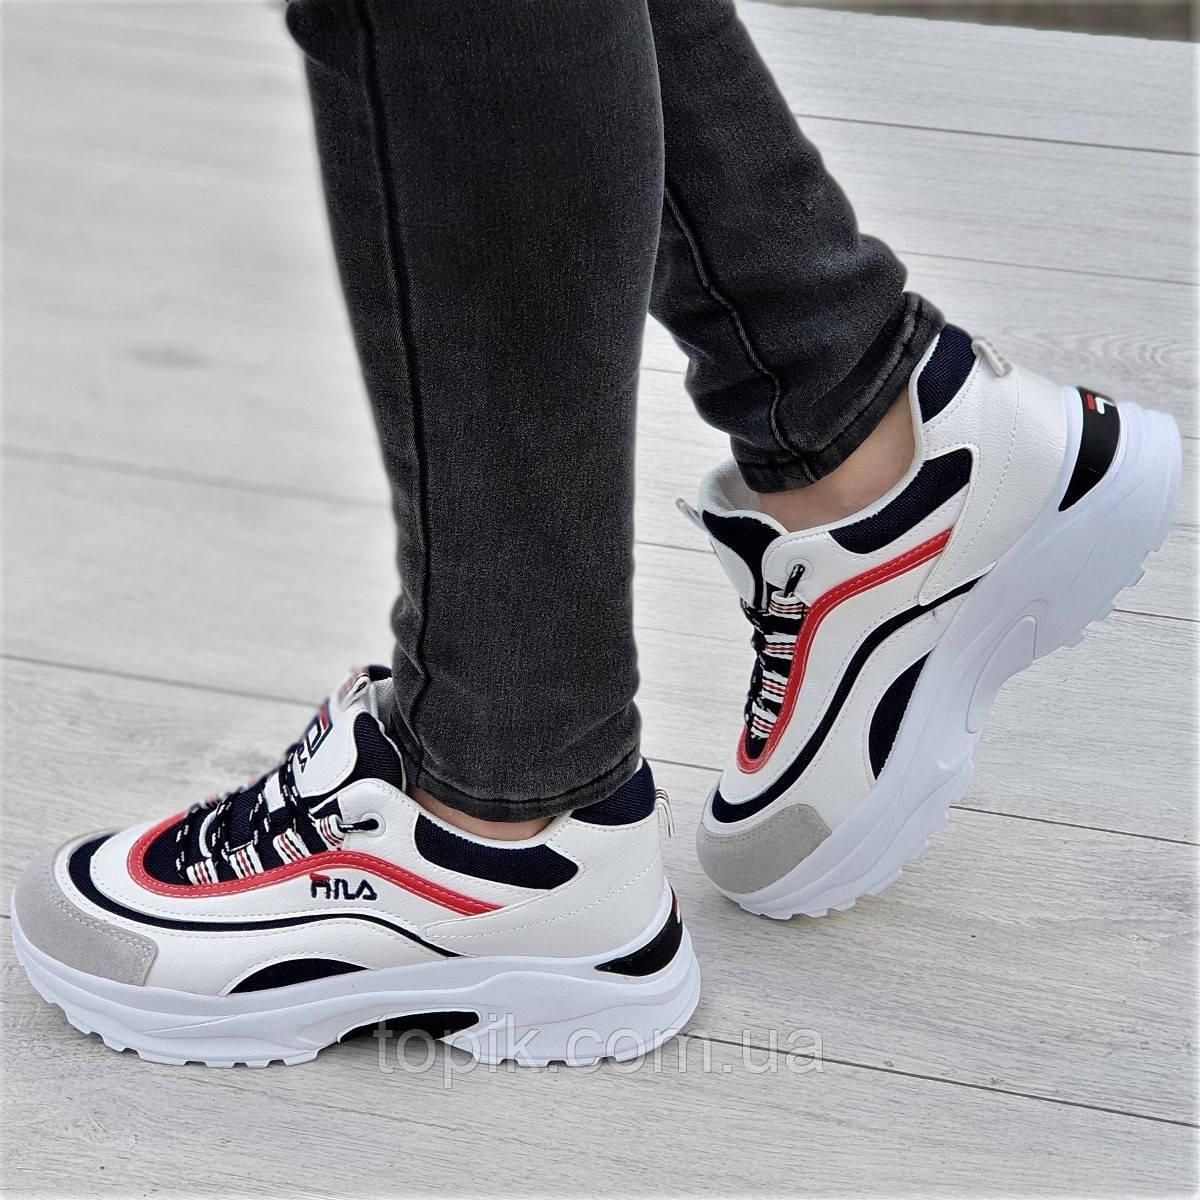 Очень модные женские кроссовки белые с темно синими и красными вставками мягкие и удобные (Код: 1331а)